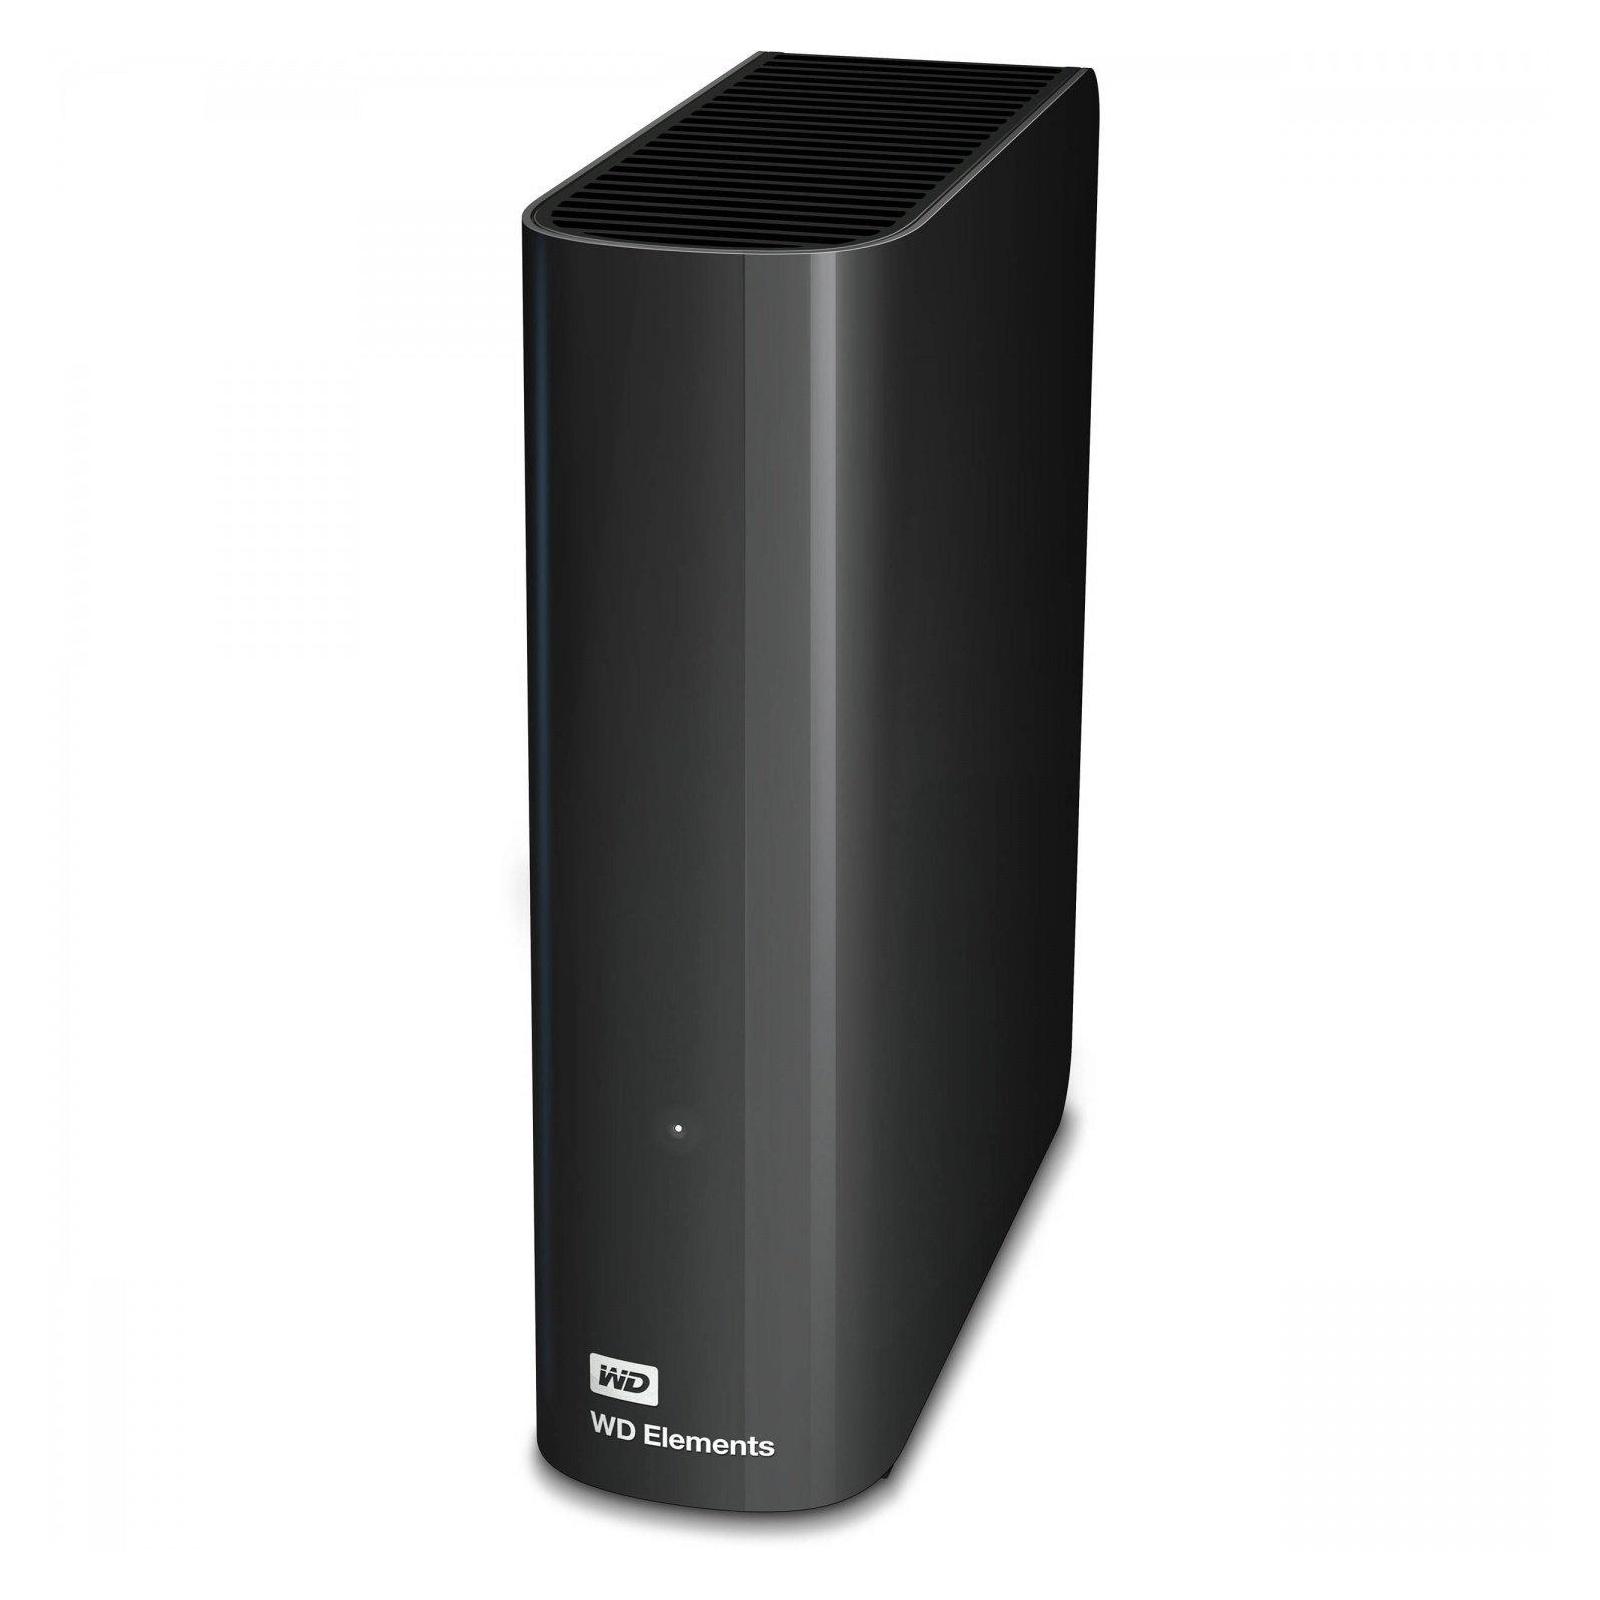 """Внешний жесткий диск 3.5"""" 8TB Western Digital (WDBWLG0080HBK-EESN) изображение 7"""